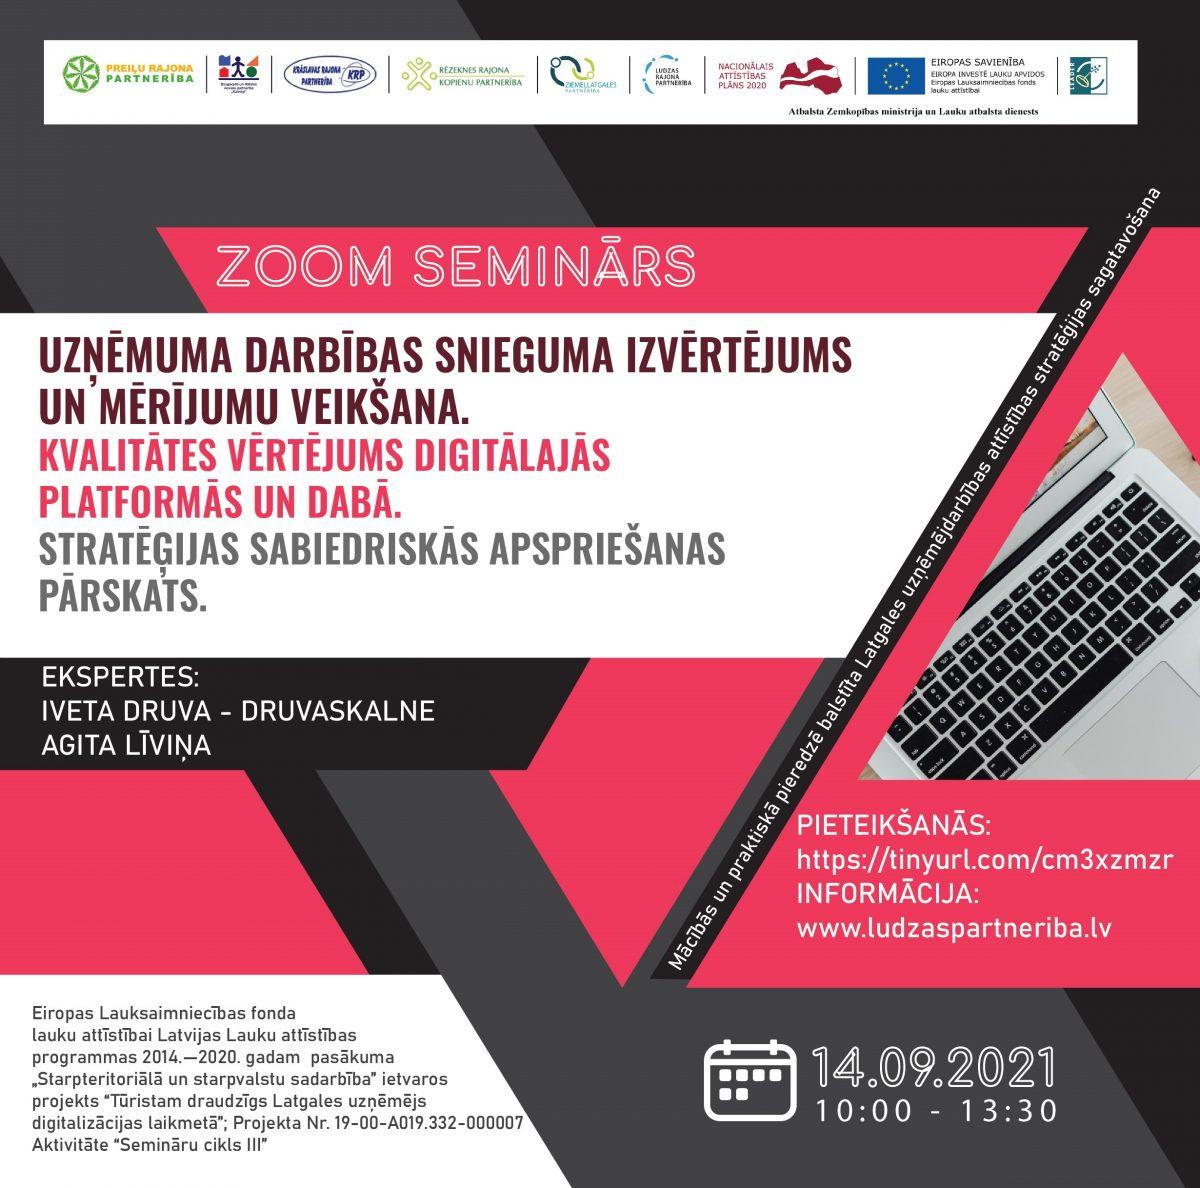 Seminārs par statistikas rīkiem un stratēģijas sabiedriskās apspriešanas pārskata prezentēšana